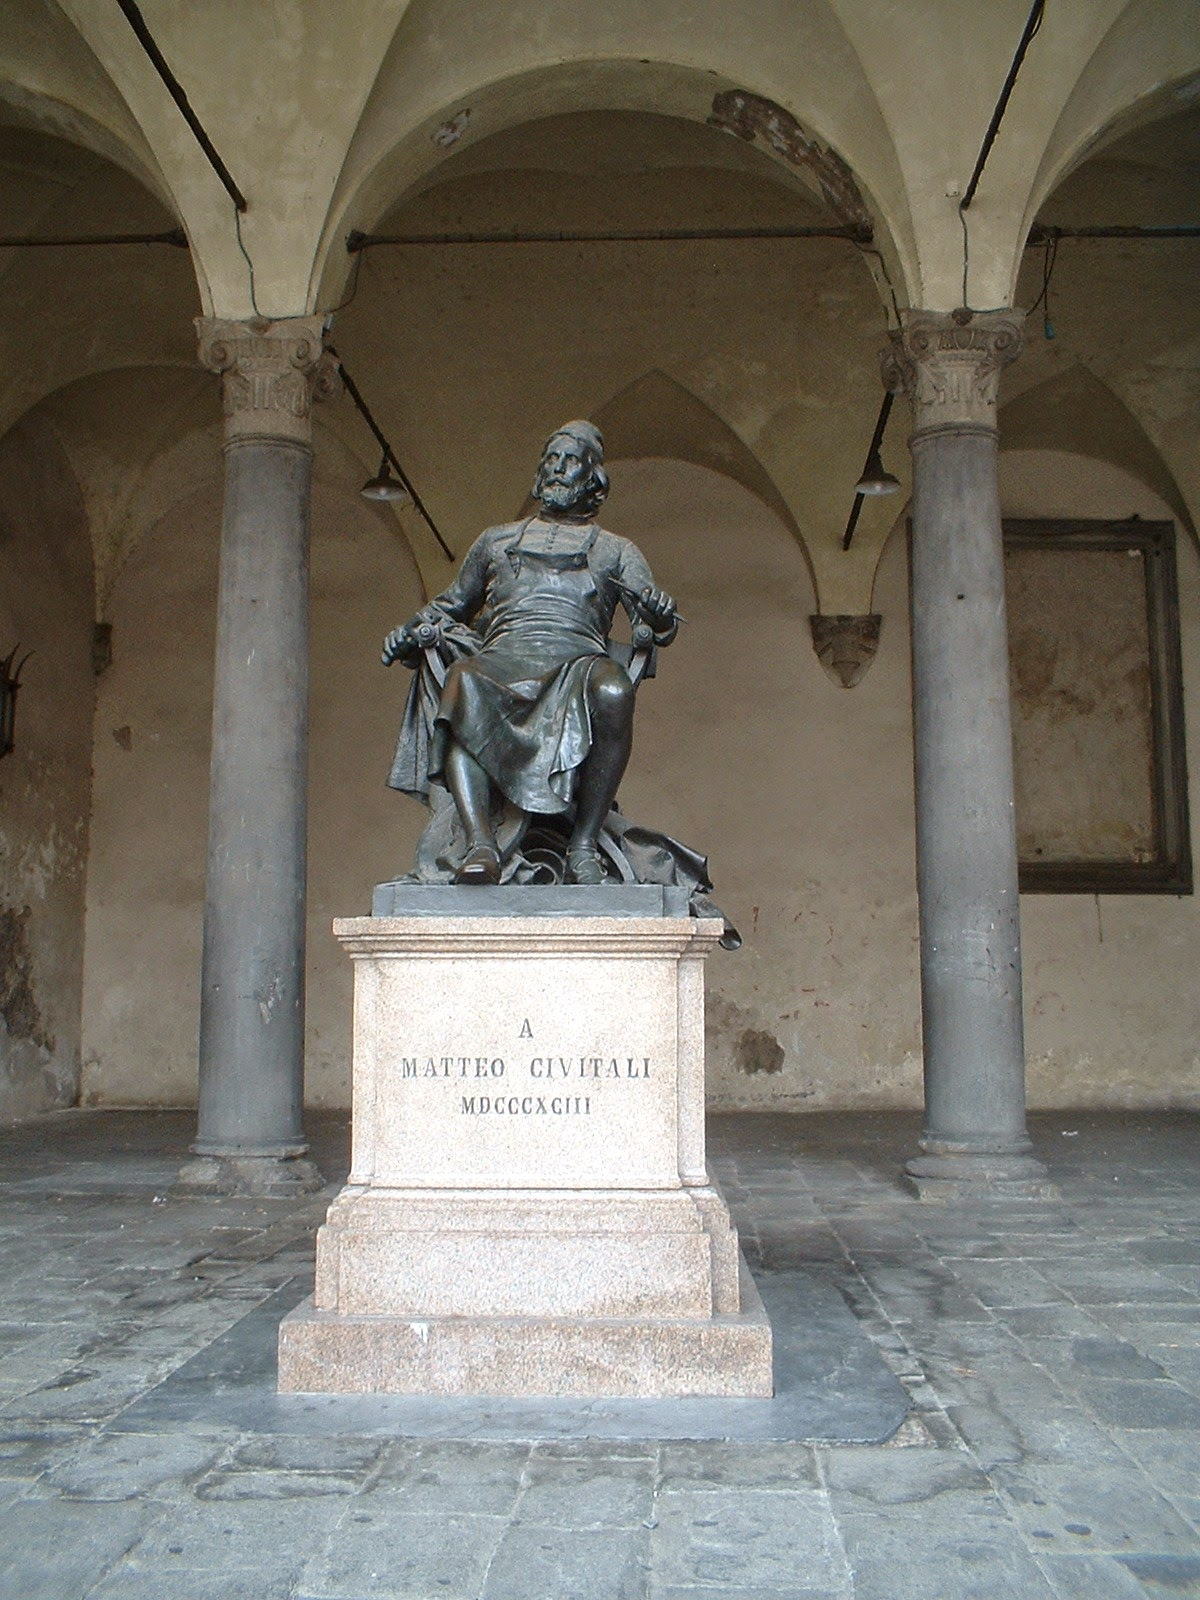 Itinerario della Toscana settentrionale: cosa vedere a Lucca, Prato e Pistoia